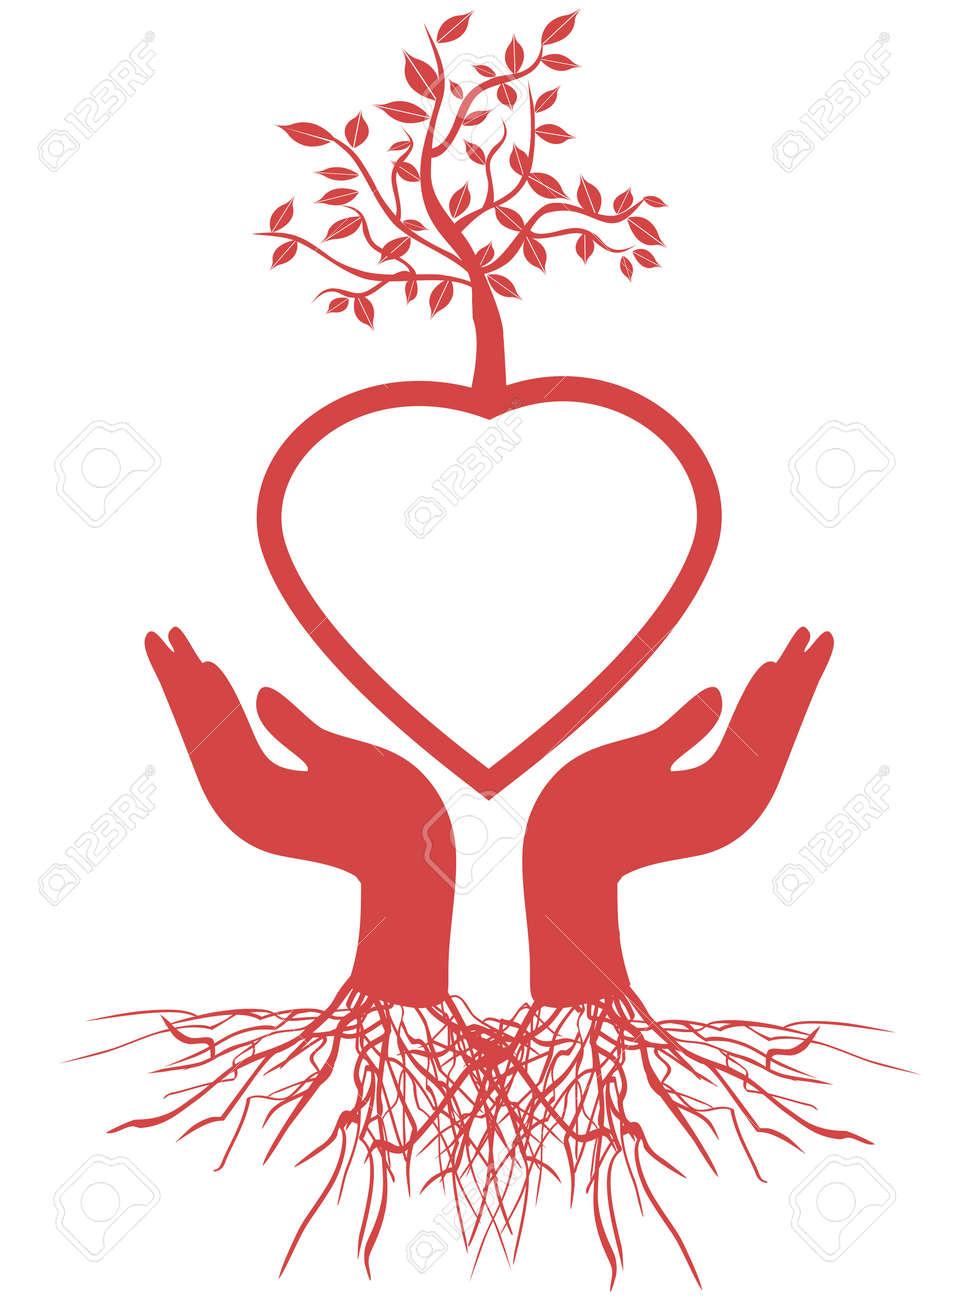 12075262-le-symbole-de-la-main-qui-tient-l-arbre-coeur-rouge-Banque-d%27images